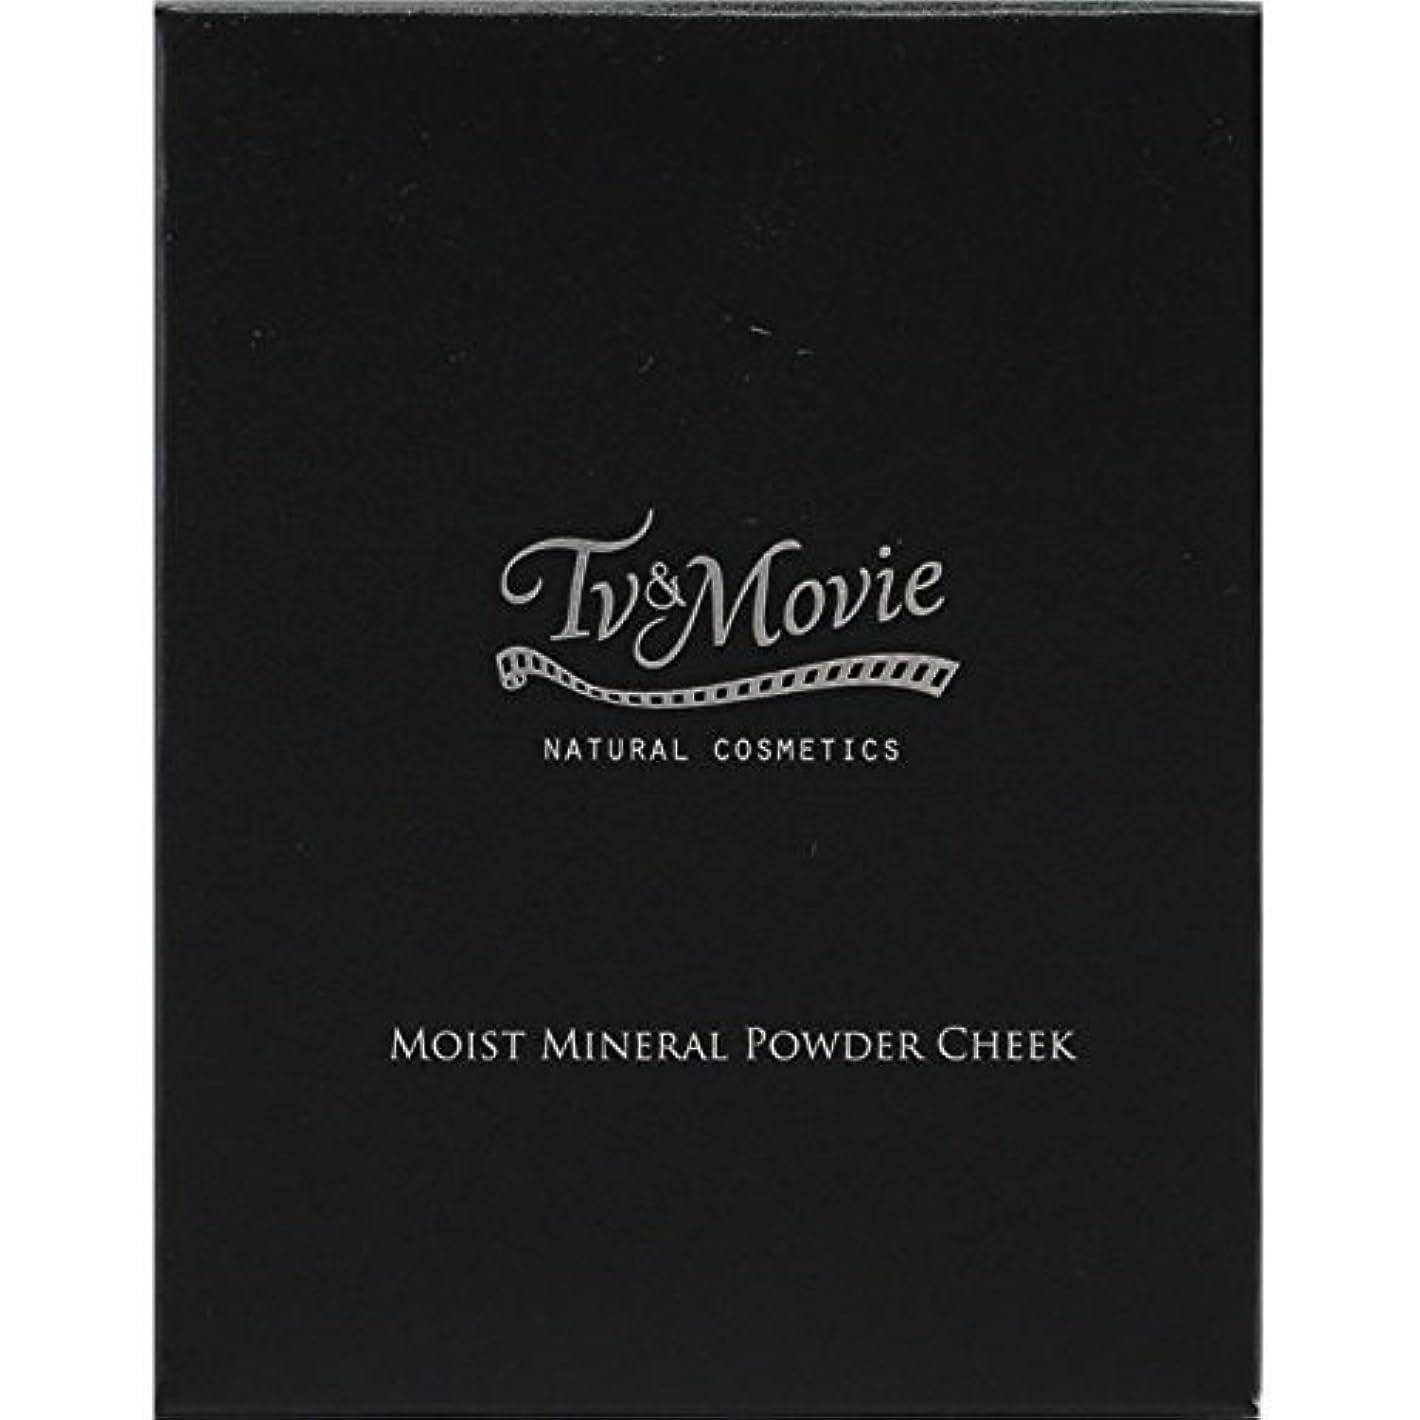 振り子防腐剤寺院Tv&Movie モイストミネラル パウダーチーク 02 スイートオレンジ 5g